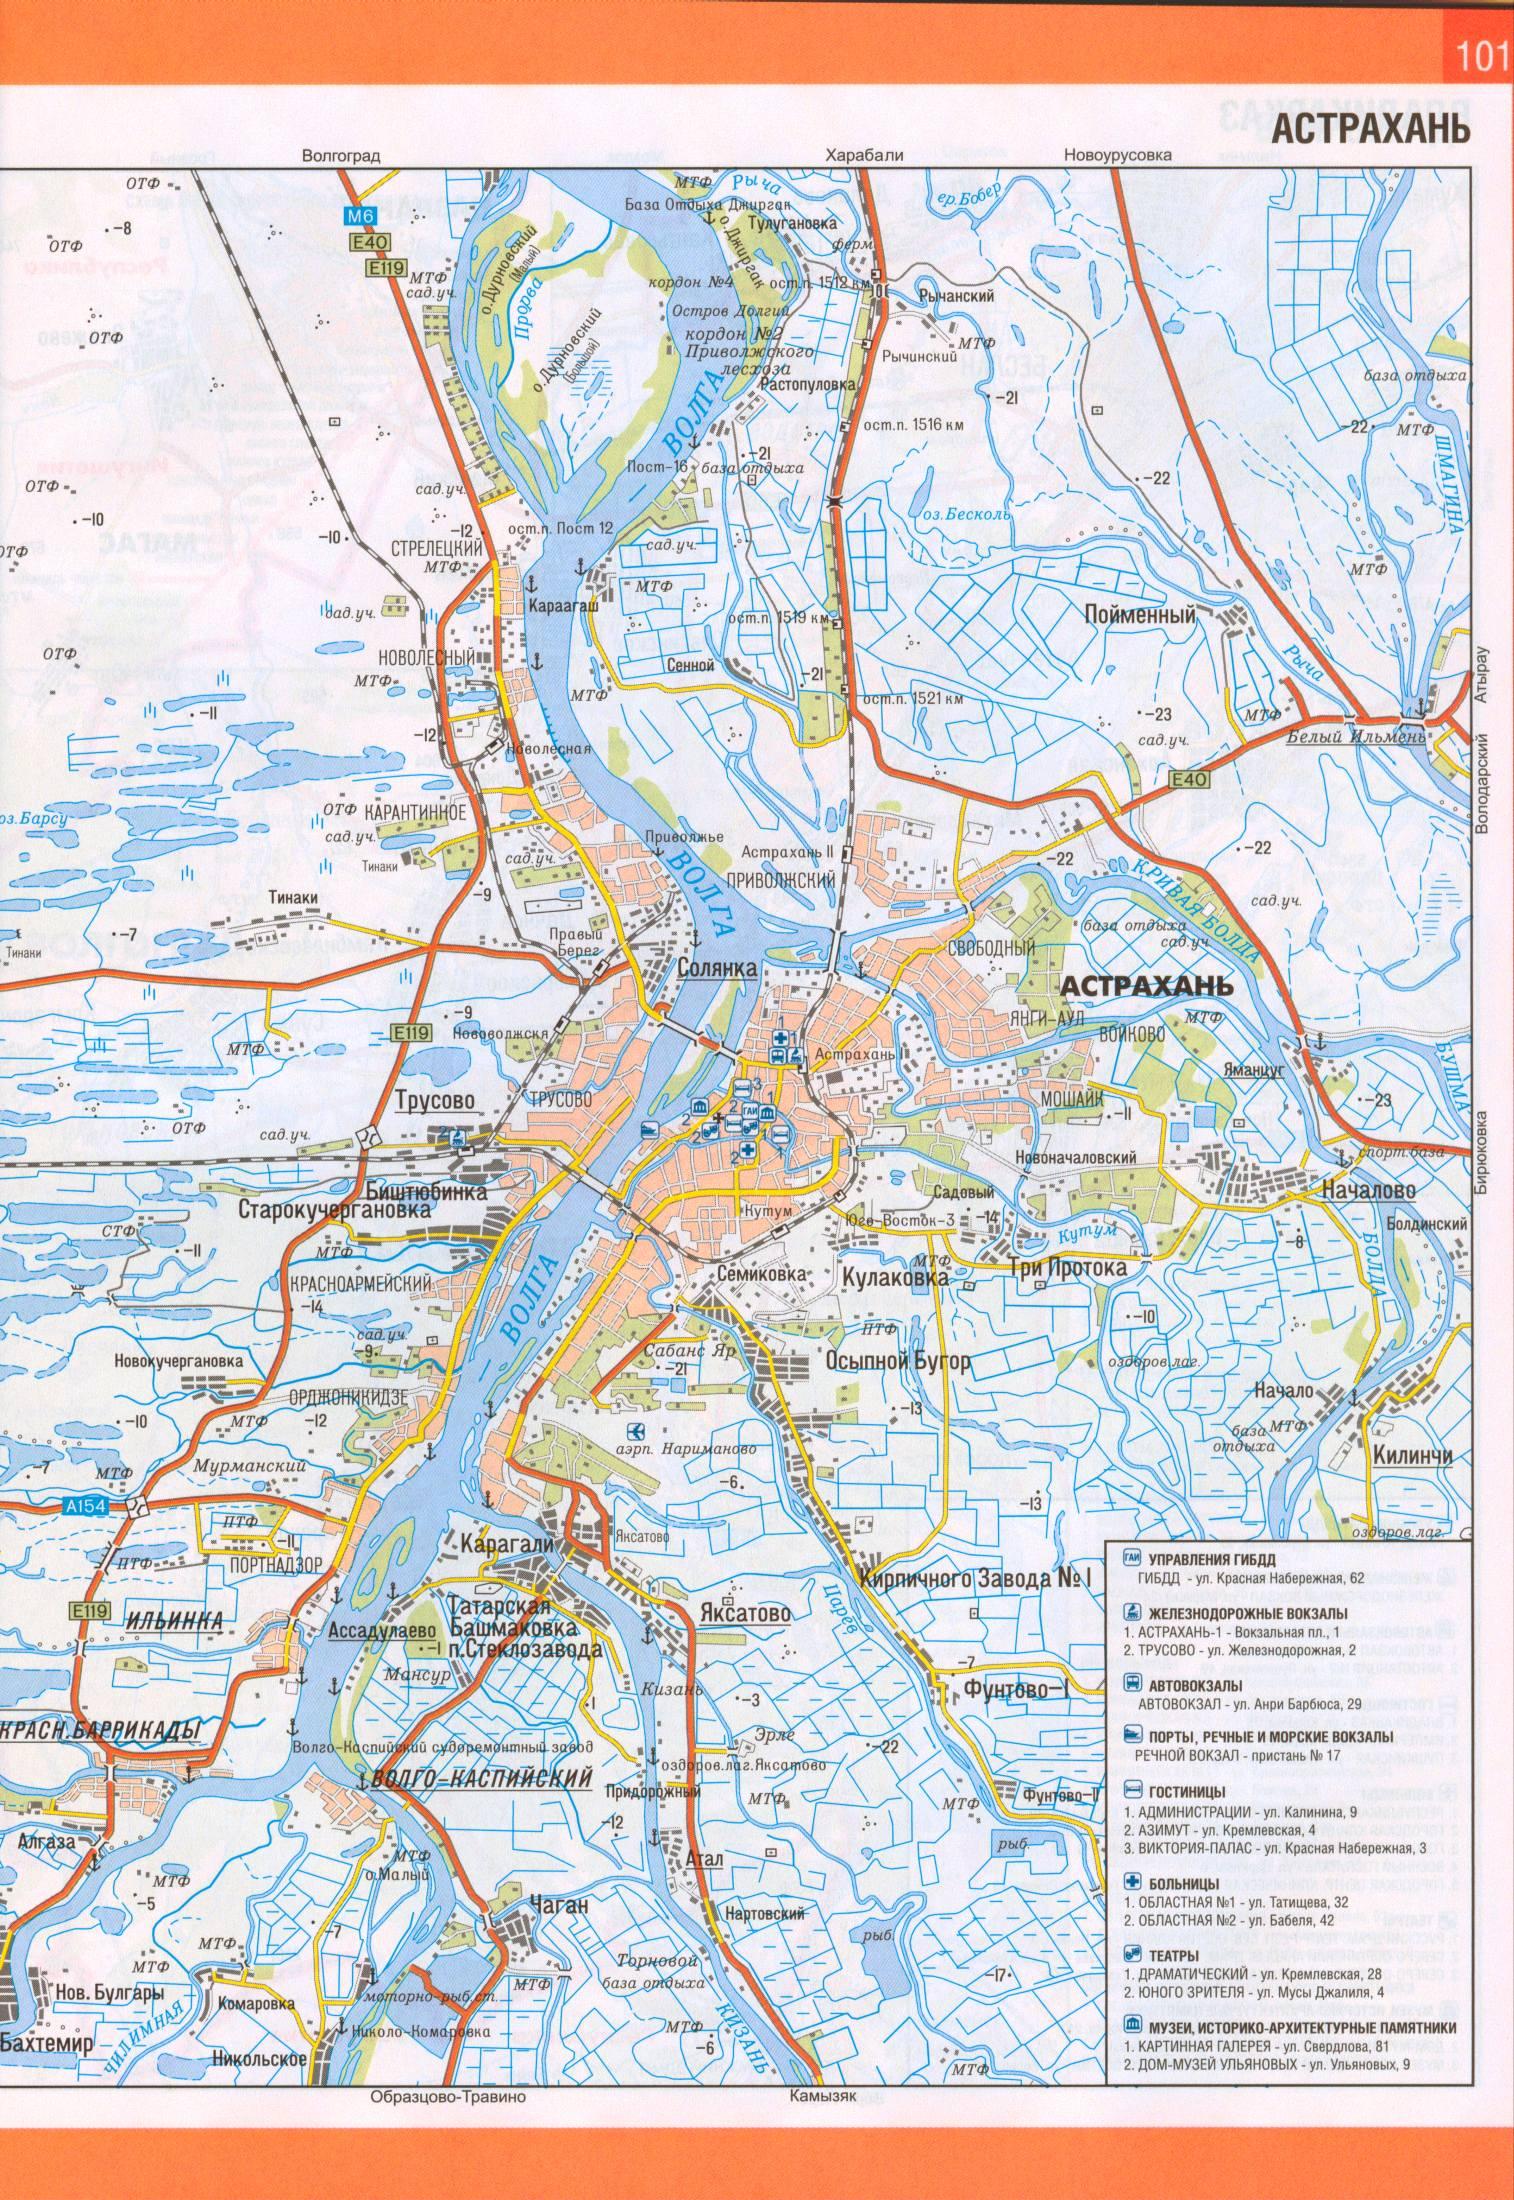 Комментарий: Карта Астрахани.  Схема проезда авто транспорта через город Астрахань Автор: Марта.